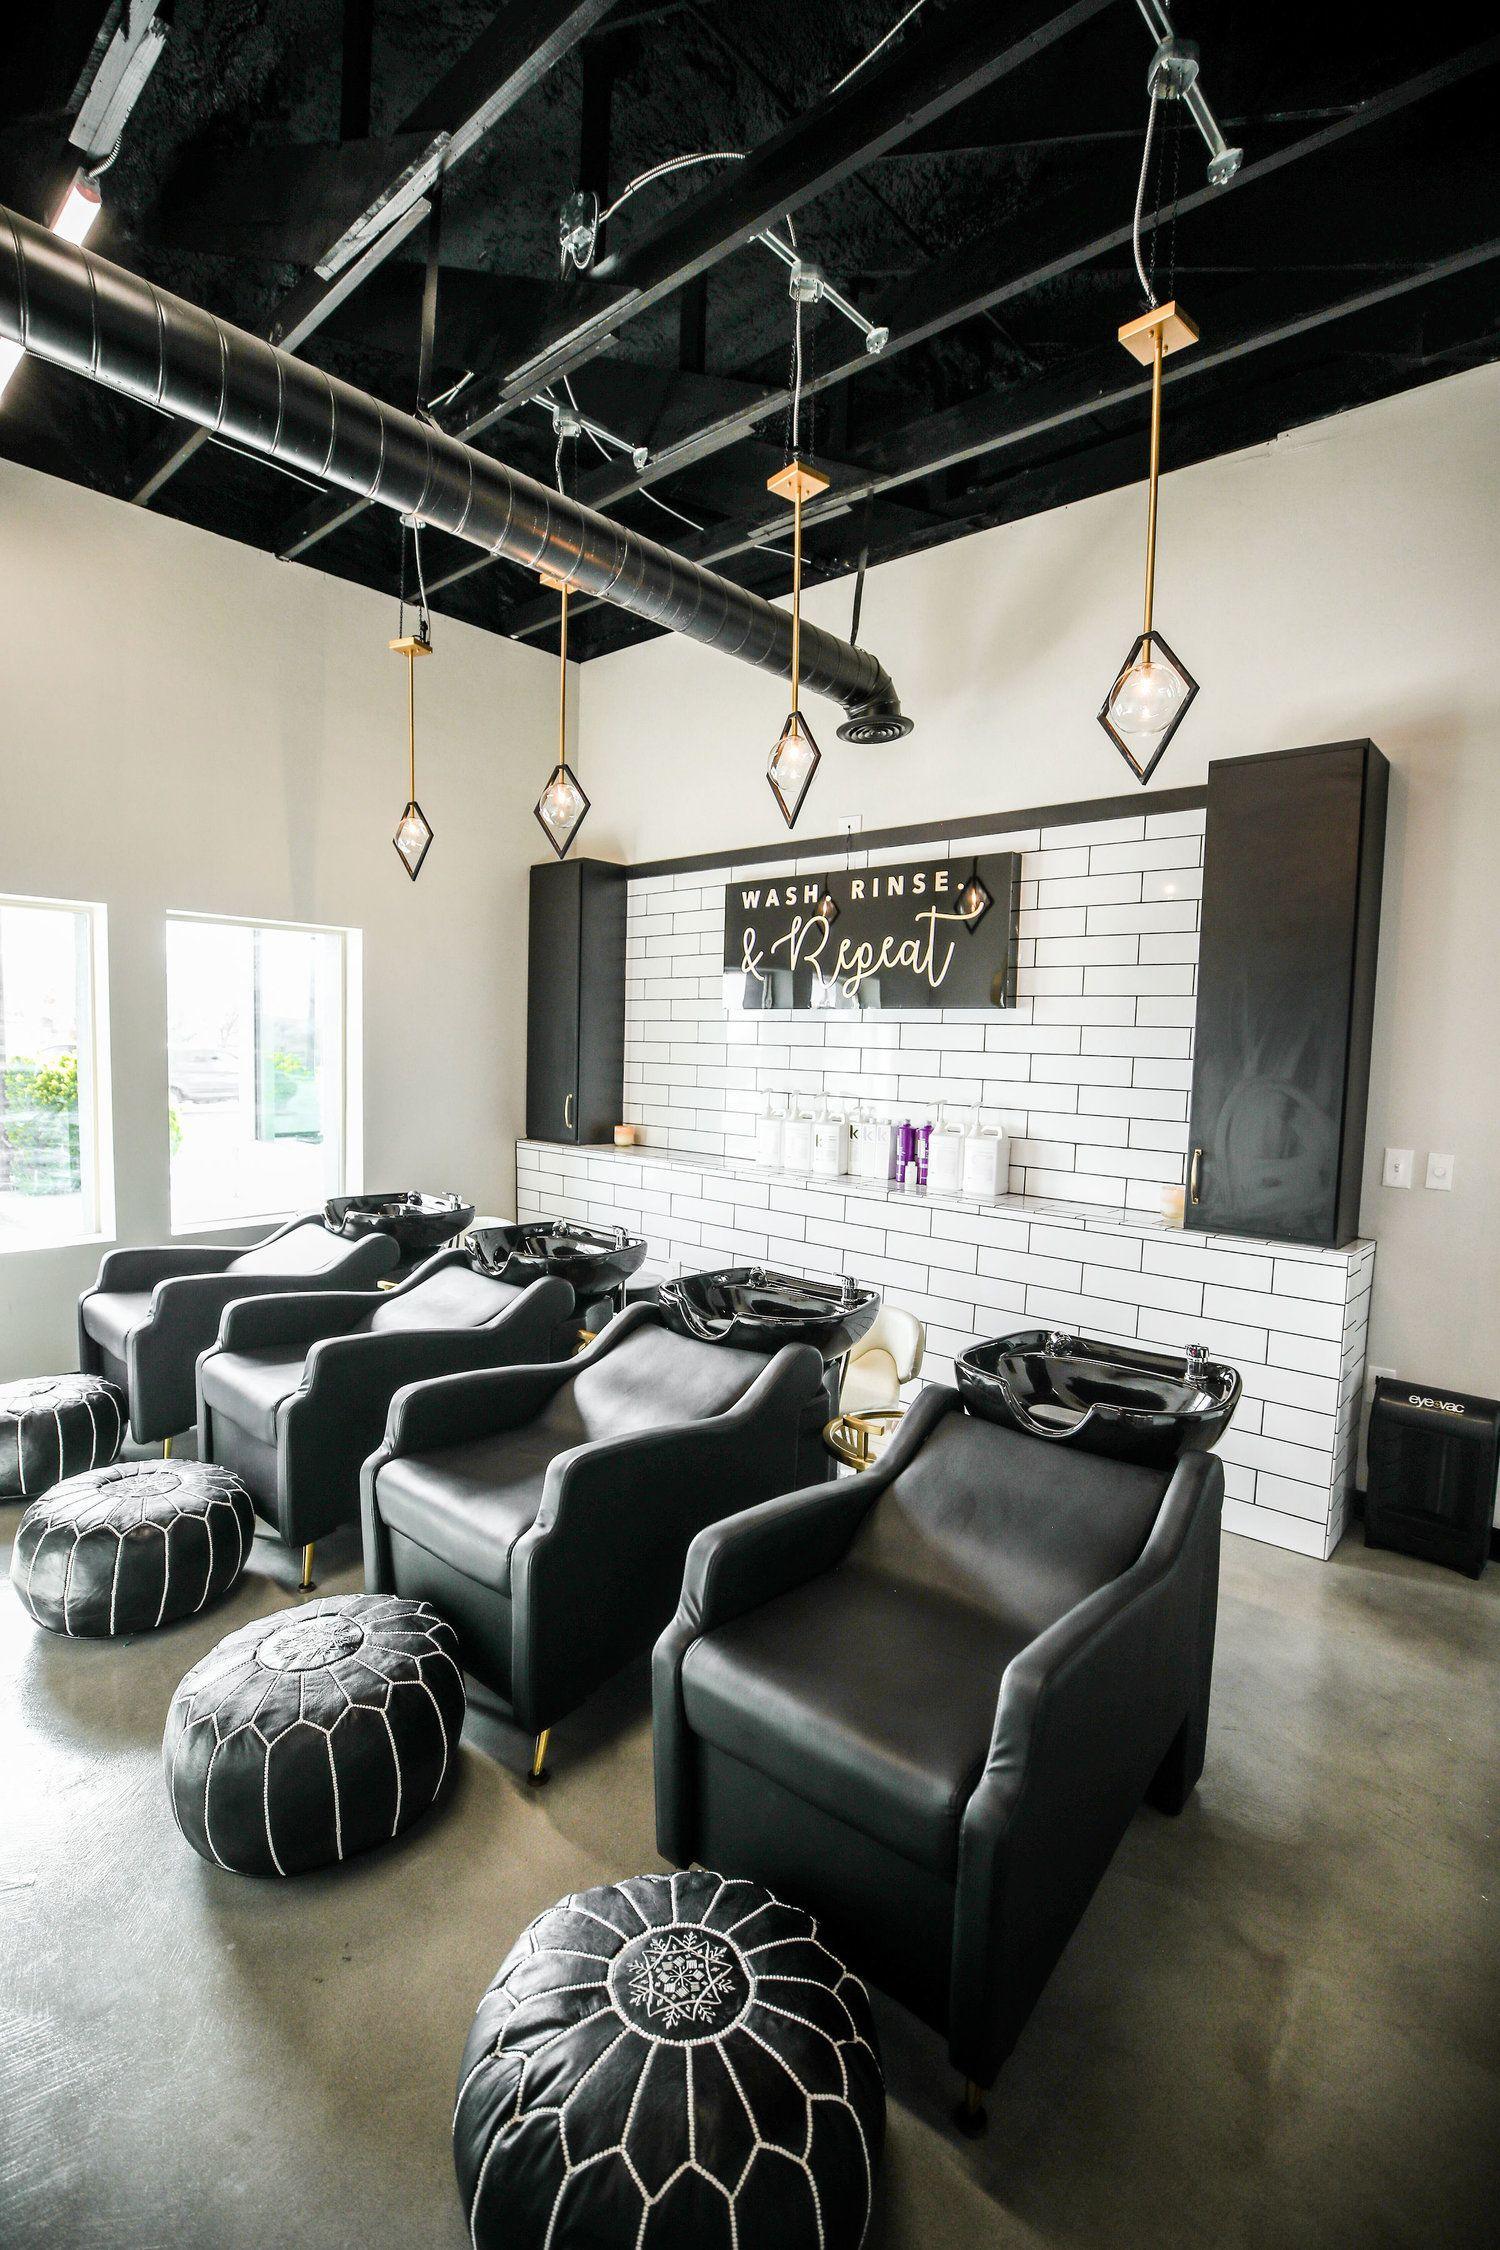 Hairdresser Salon Interior Design Hair Salon Interior Design Pictures Small Beauty Salon Interi In 2020 Hair Salon Interior Salon Interior Design Salon Suites Decor